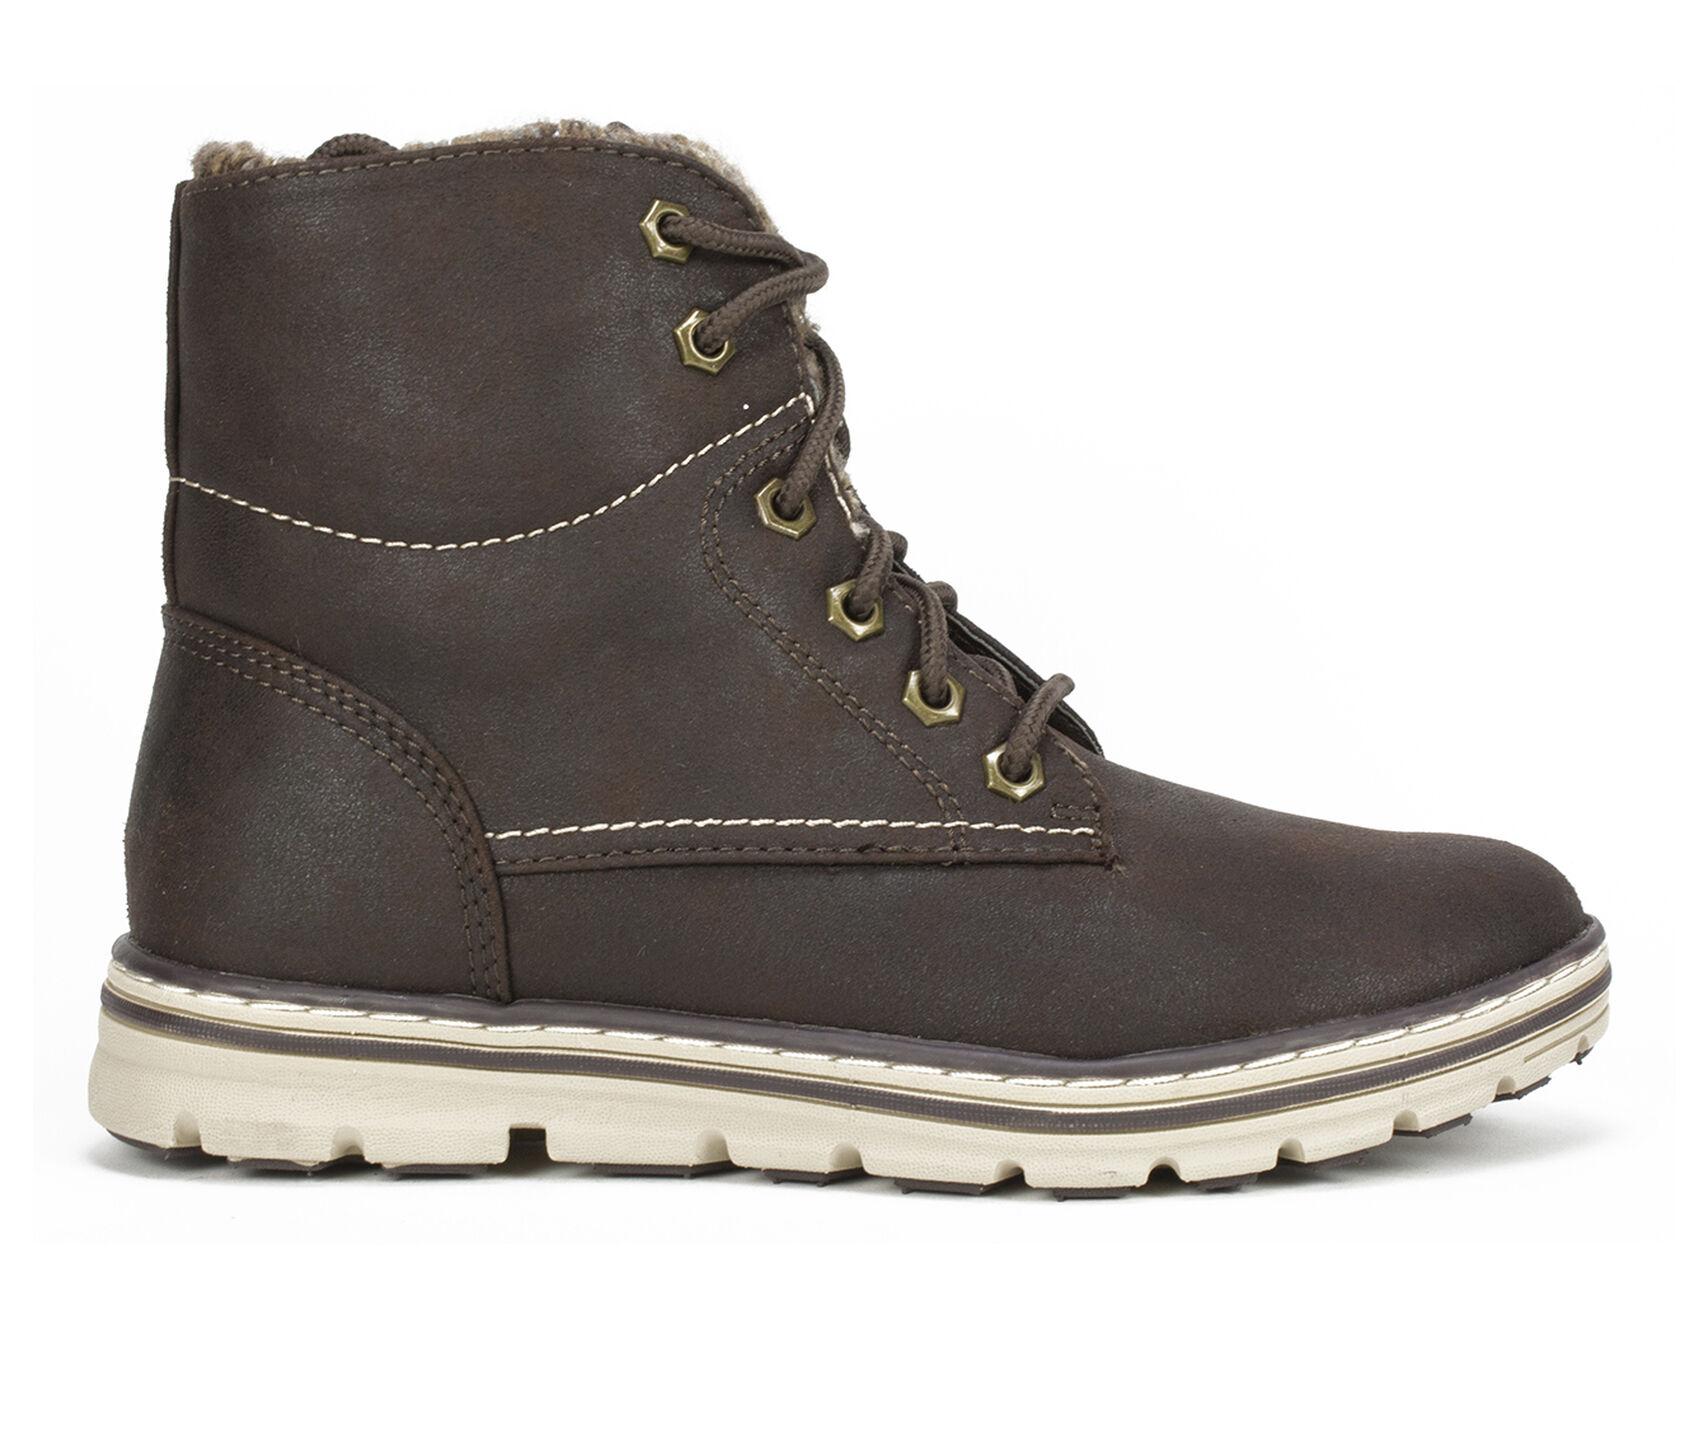 773d1de6e54 Women's Cliffs Keegan Hiking Boots